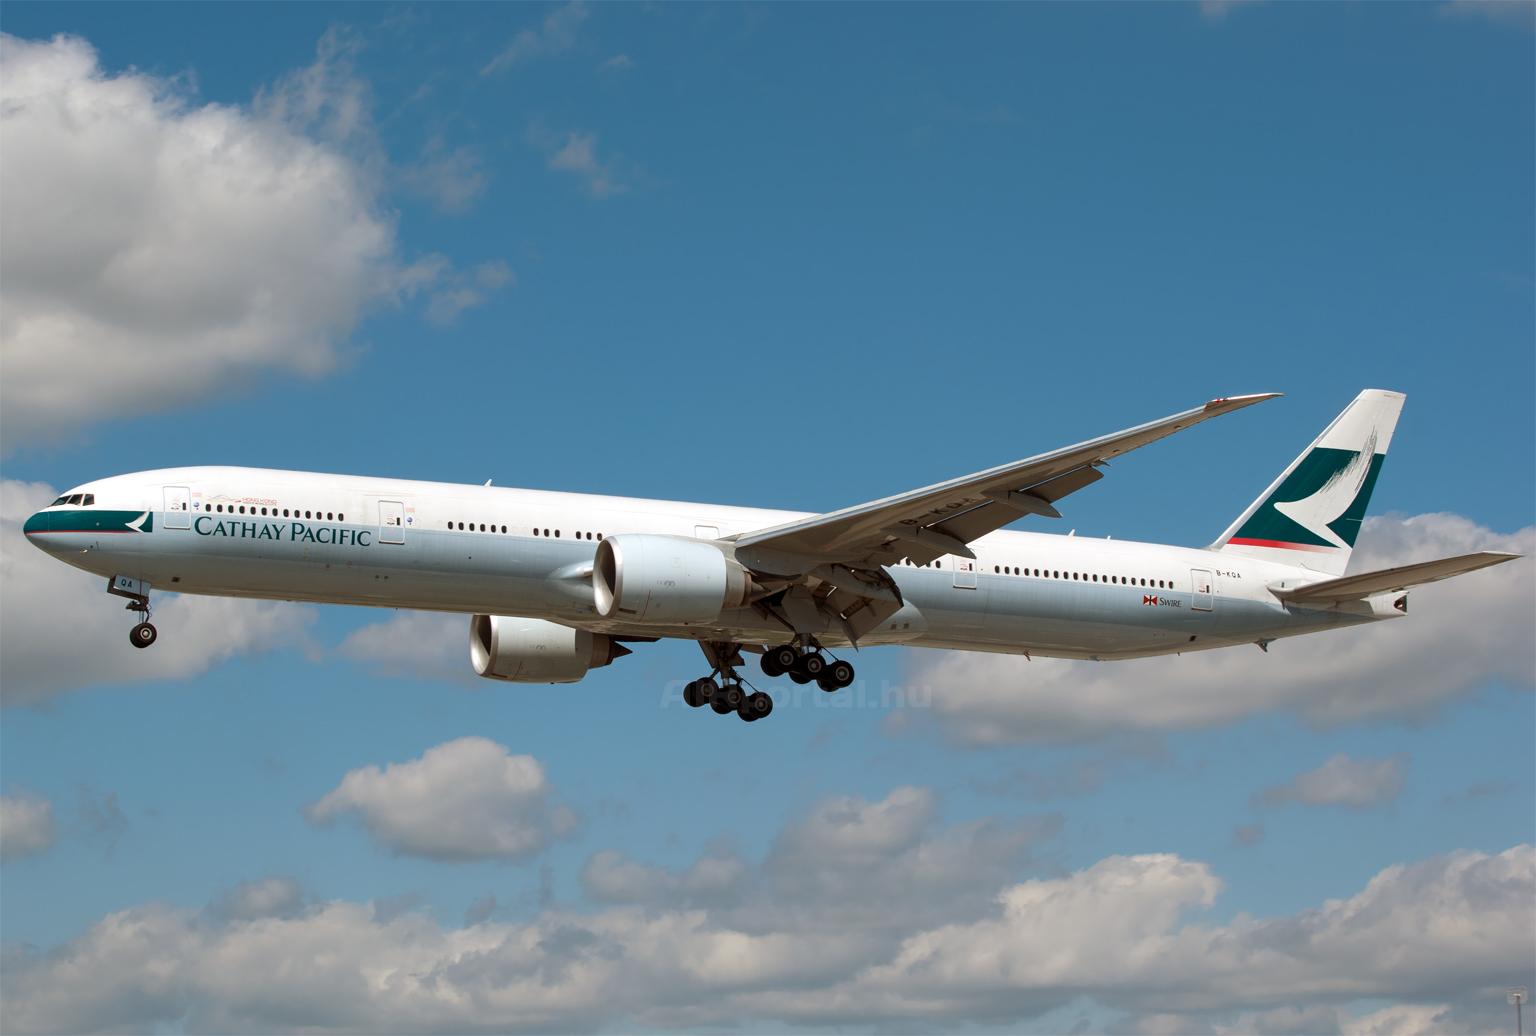 A társaság összesen 51 darab Boeing 777-300ER típusú repülőgépet üzemeltet. (Fotó: Szalmási Szabolcs - AIRportal.hu) | © AIRportal.hu